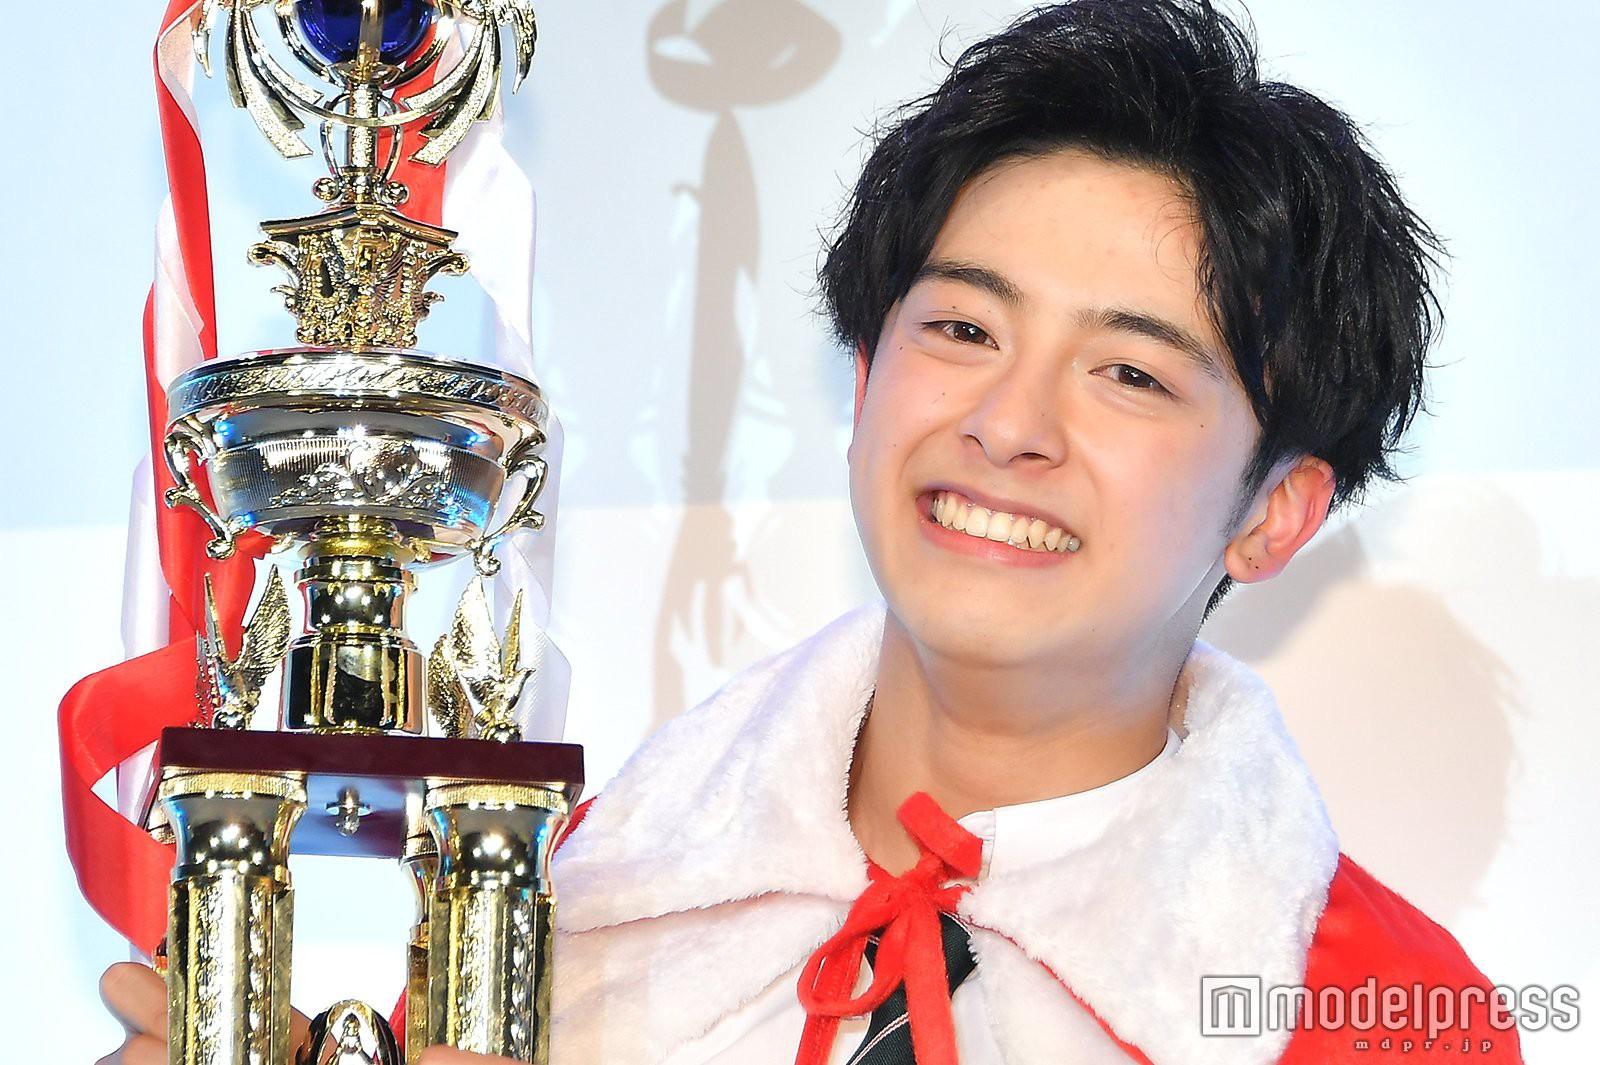 Từng bị bắt nạt vì ngoại hình nổi bật, cậu bạn 18 tuổi bật khóc sau khi đăng quang Nam sinh đẹp trai nhất Nhật Bản - Ảnh 2.